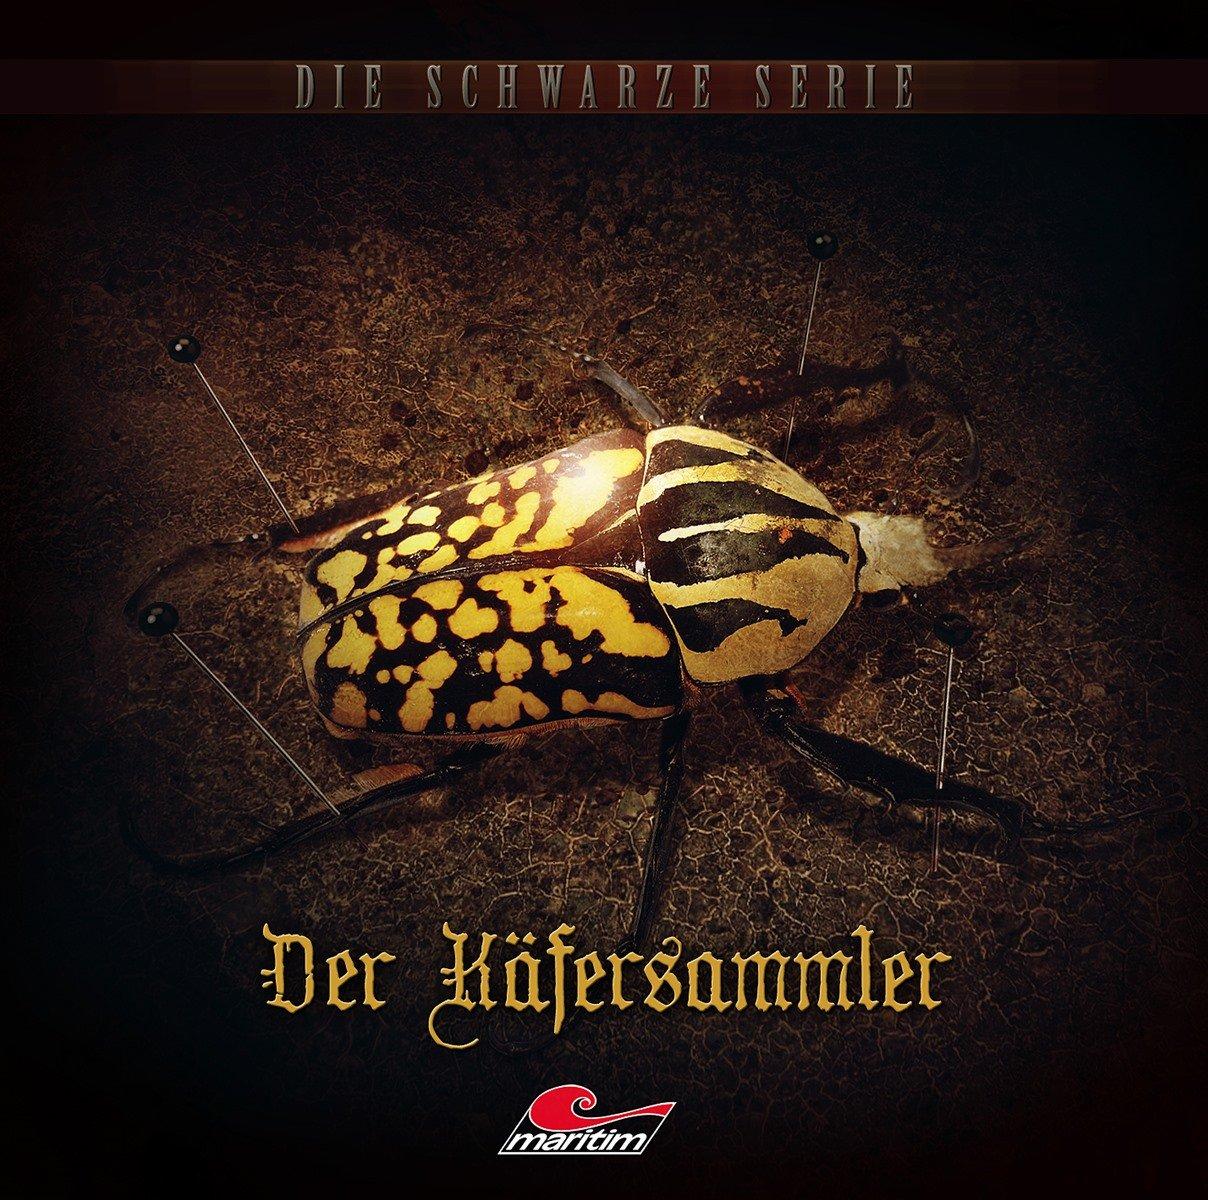 Die schwarze Serie (8) Der Käfersammler - maritim 2017